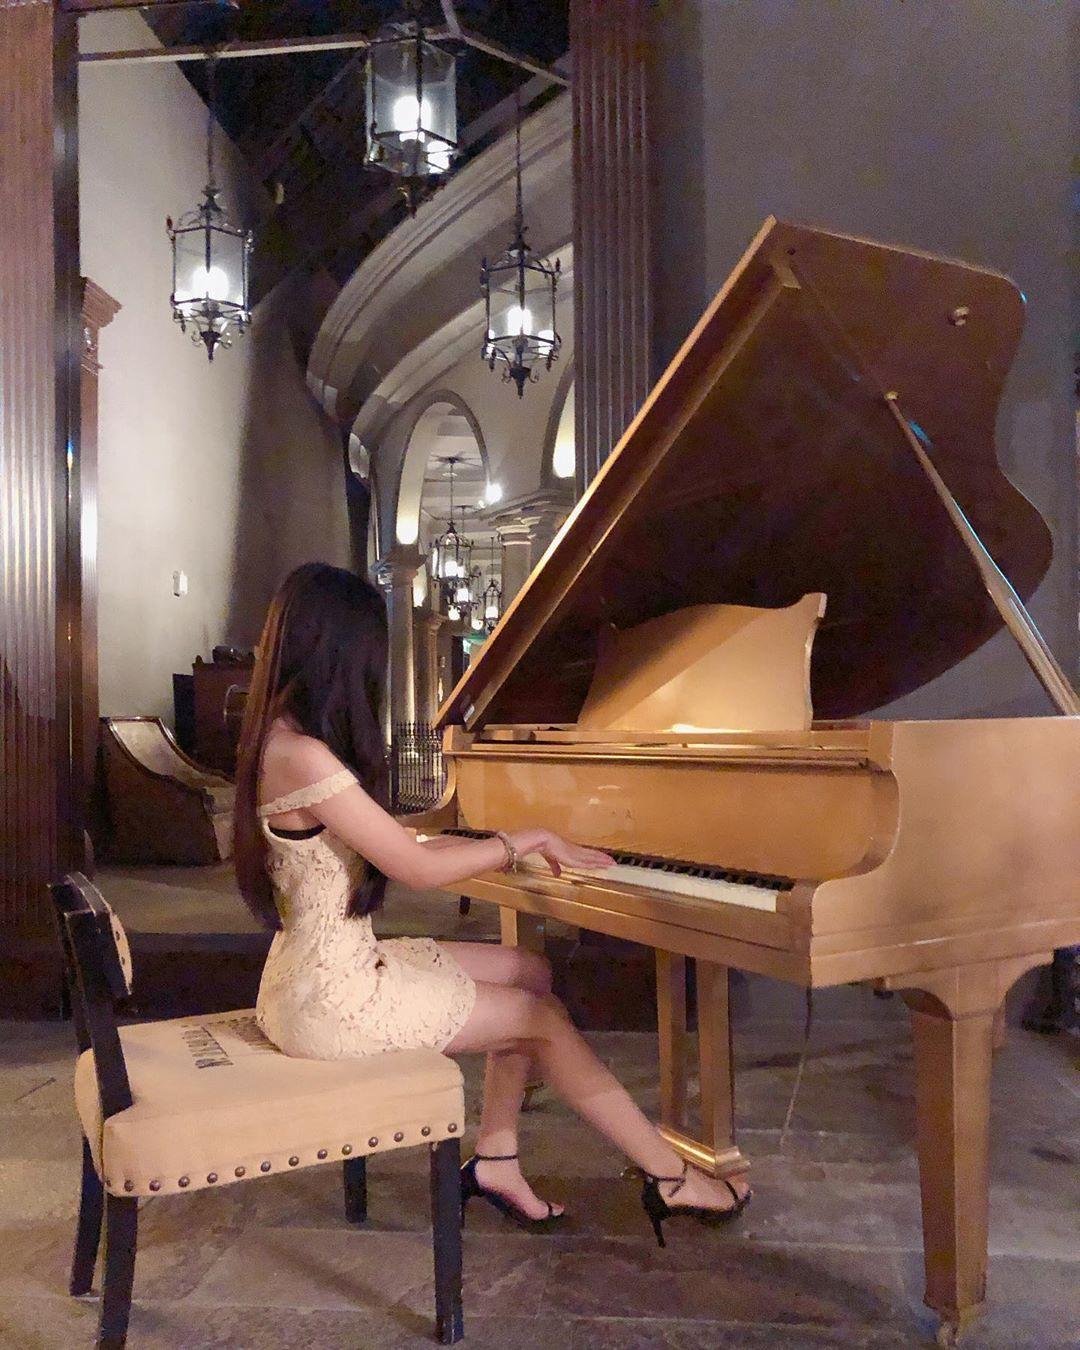 端坐在金色鋼琴前面大展身手,氣質典雅出眾的模樣真的好吸引人~仙女妍妍兒 - 美女圖 -